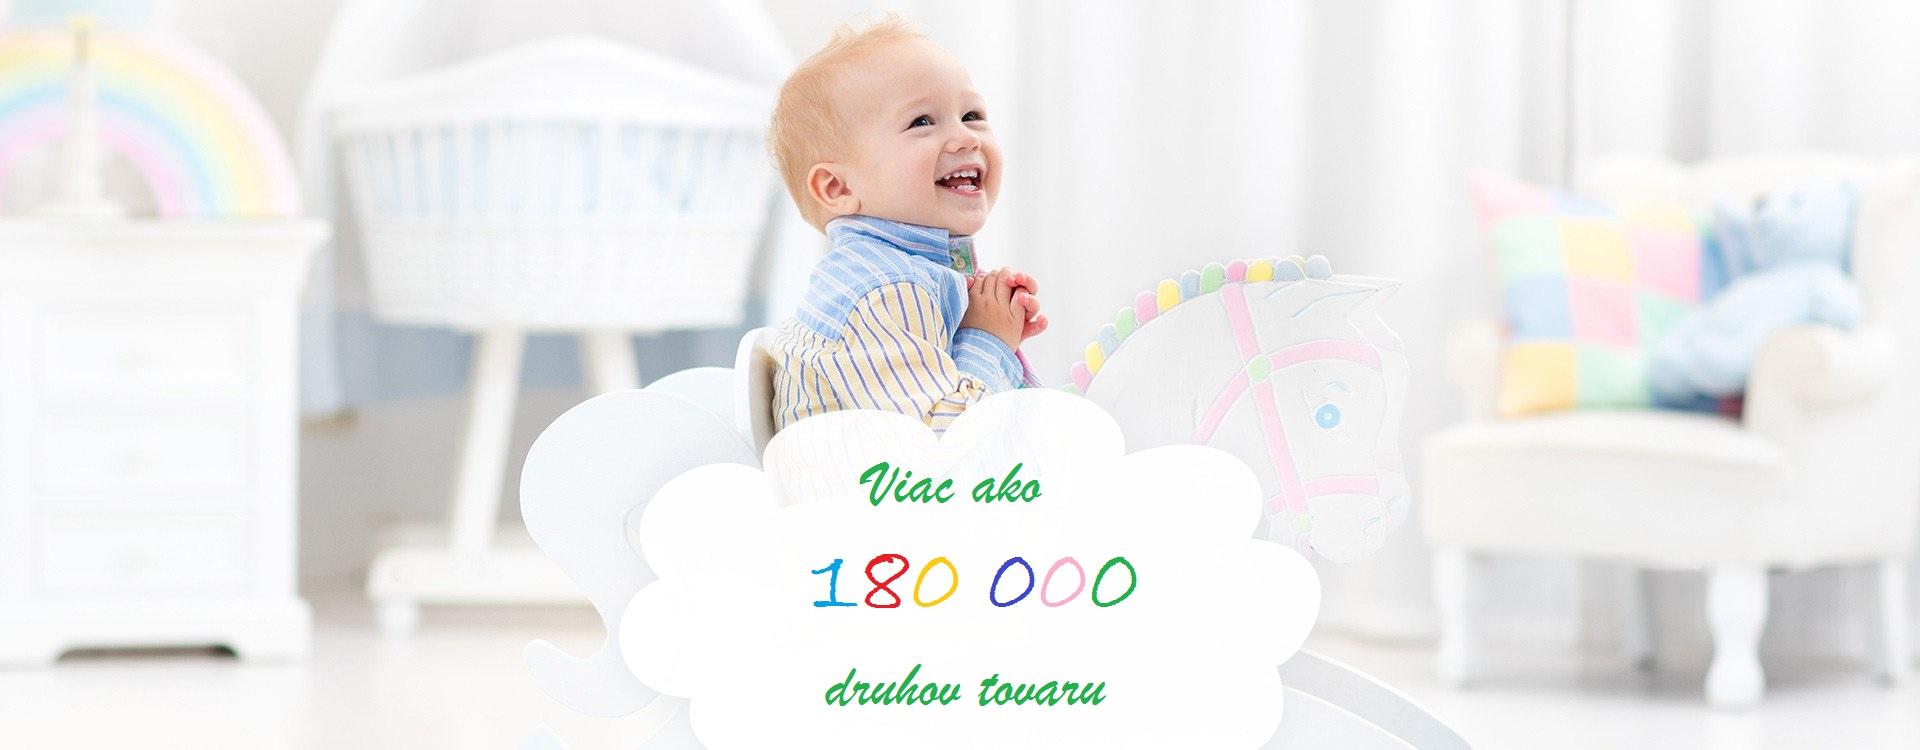 Najväčší internetový obchod pre deti tovar z Poľska f005adc495a